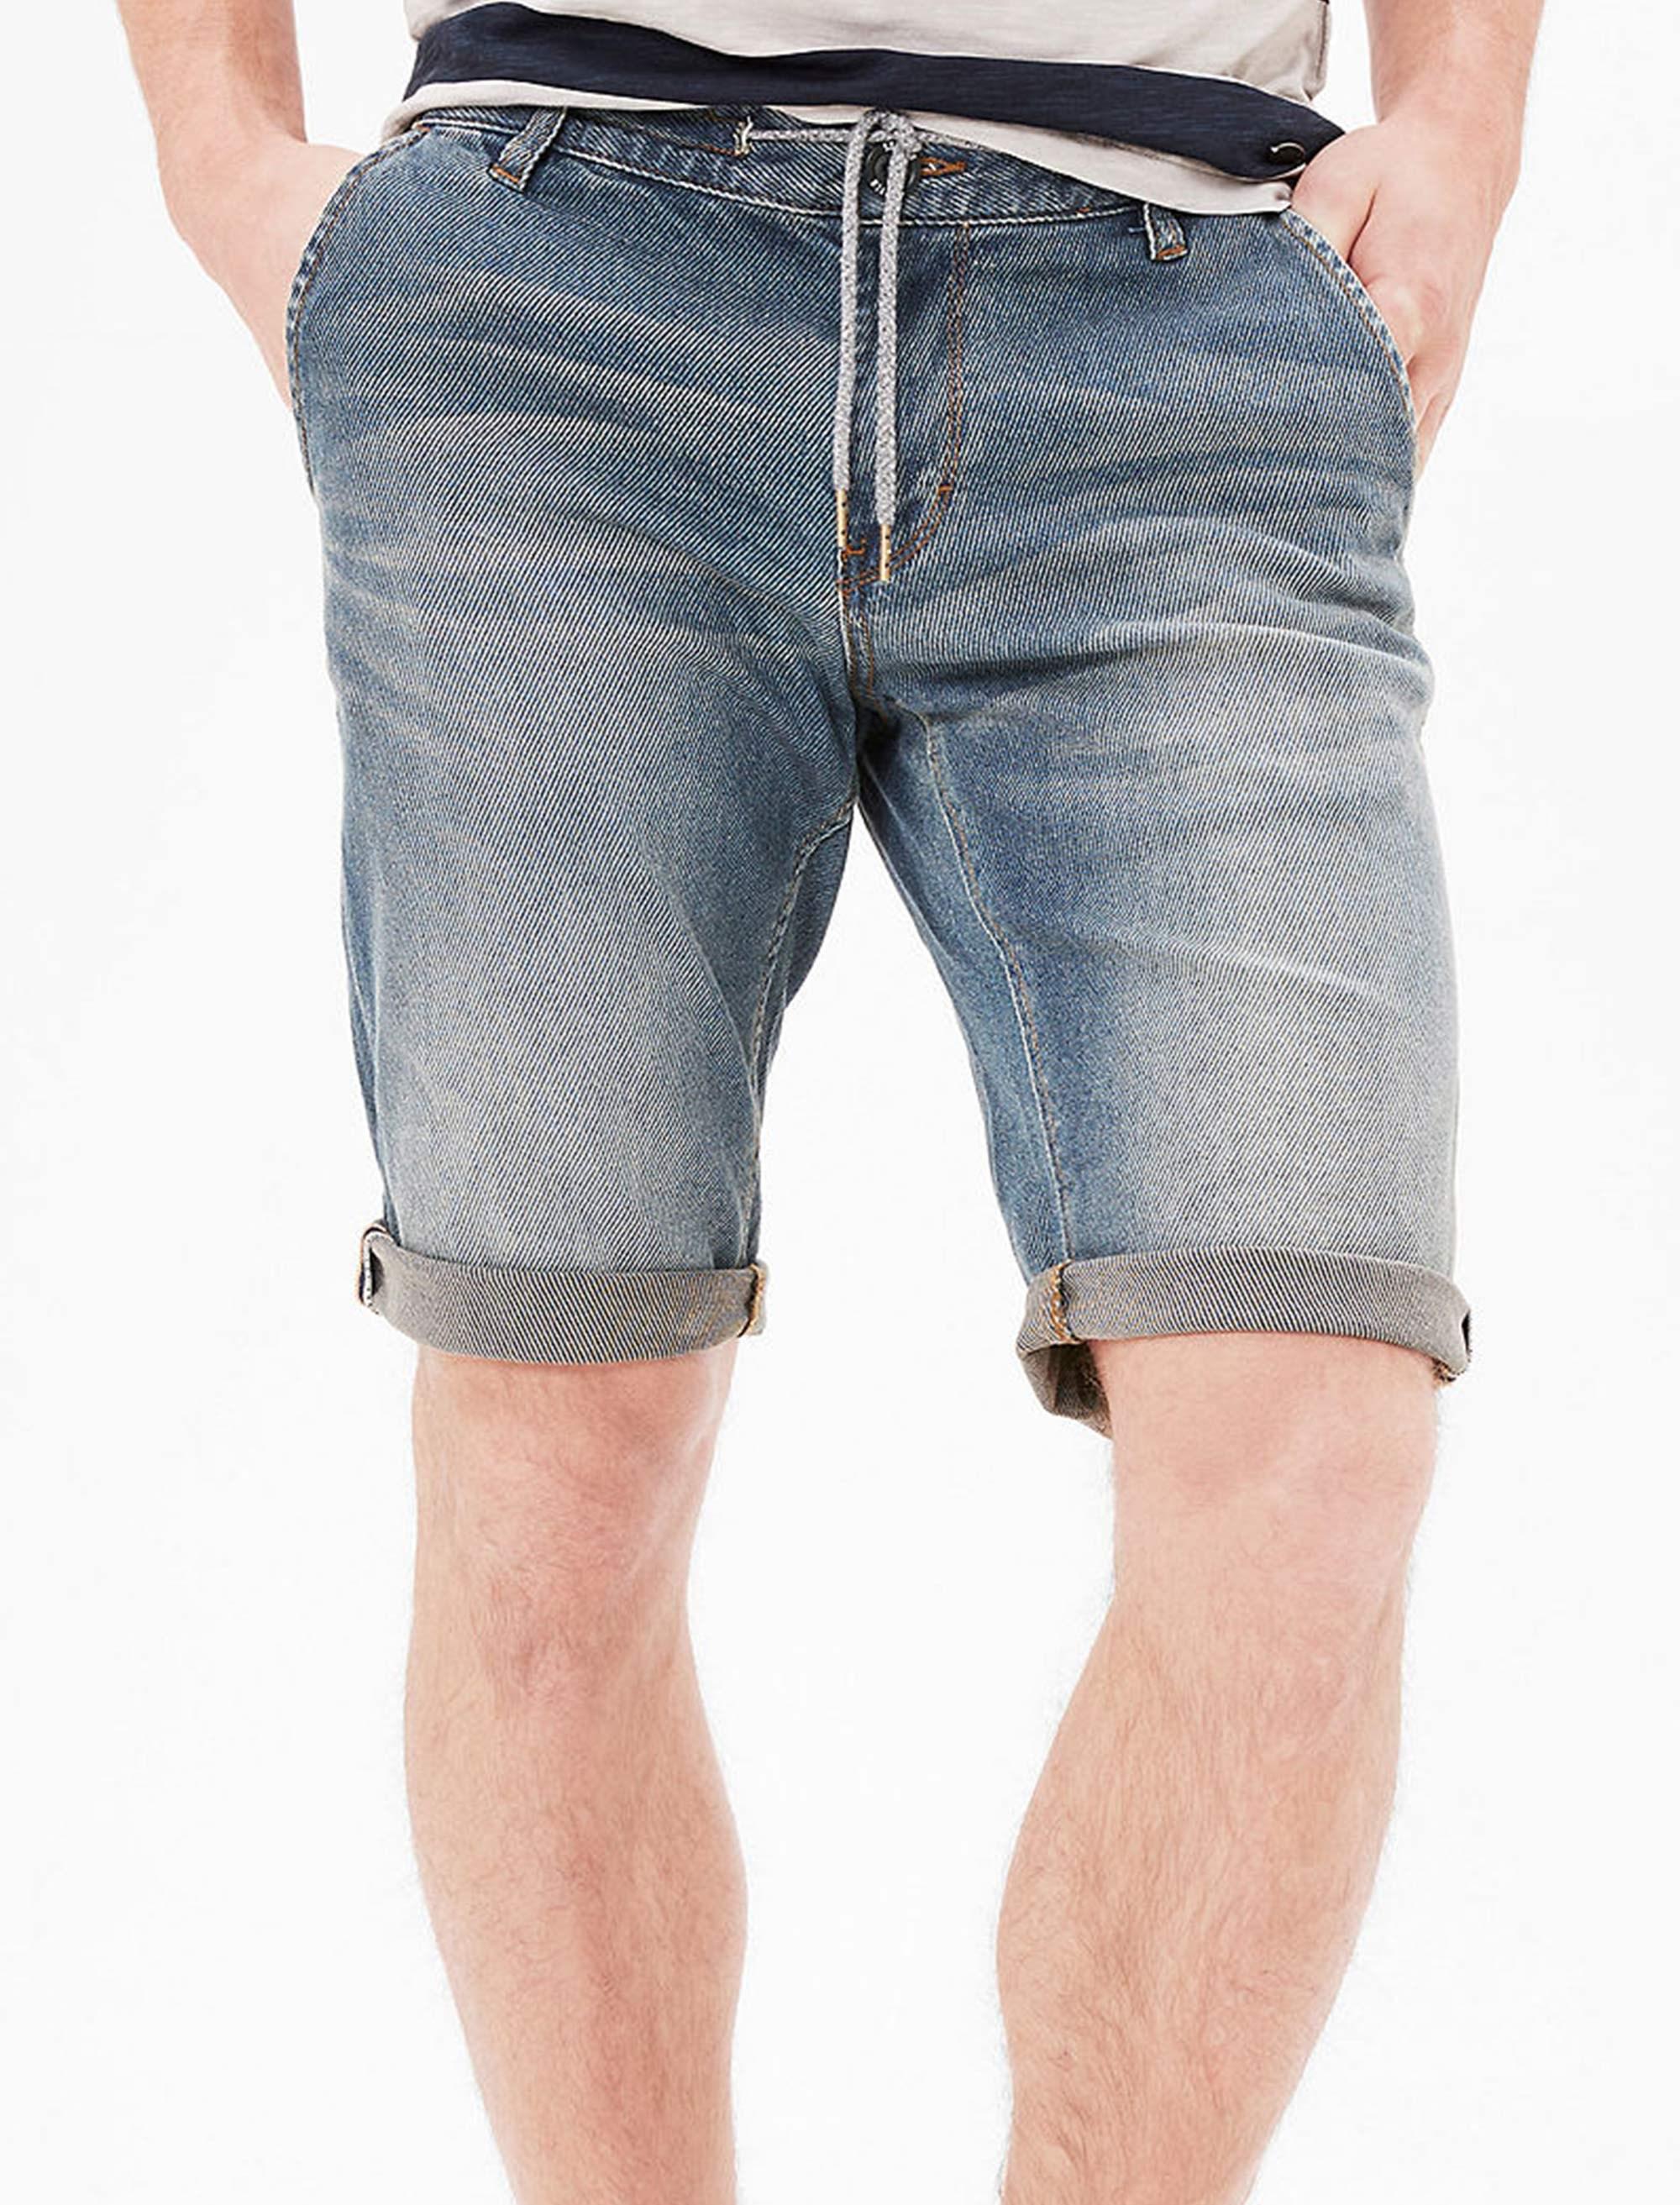 شلوارک جین مردانه - اس.اولیور - آبي  - 2